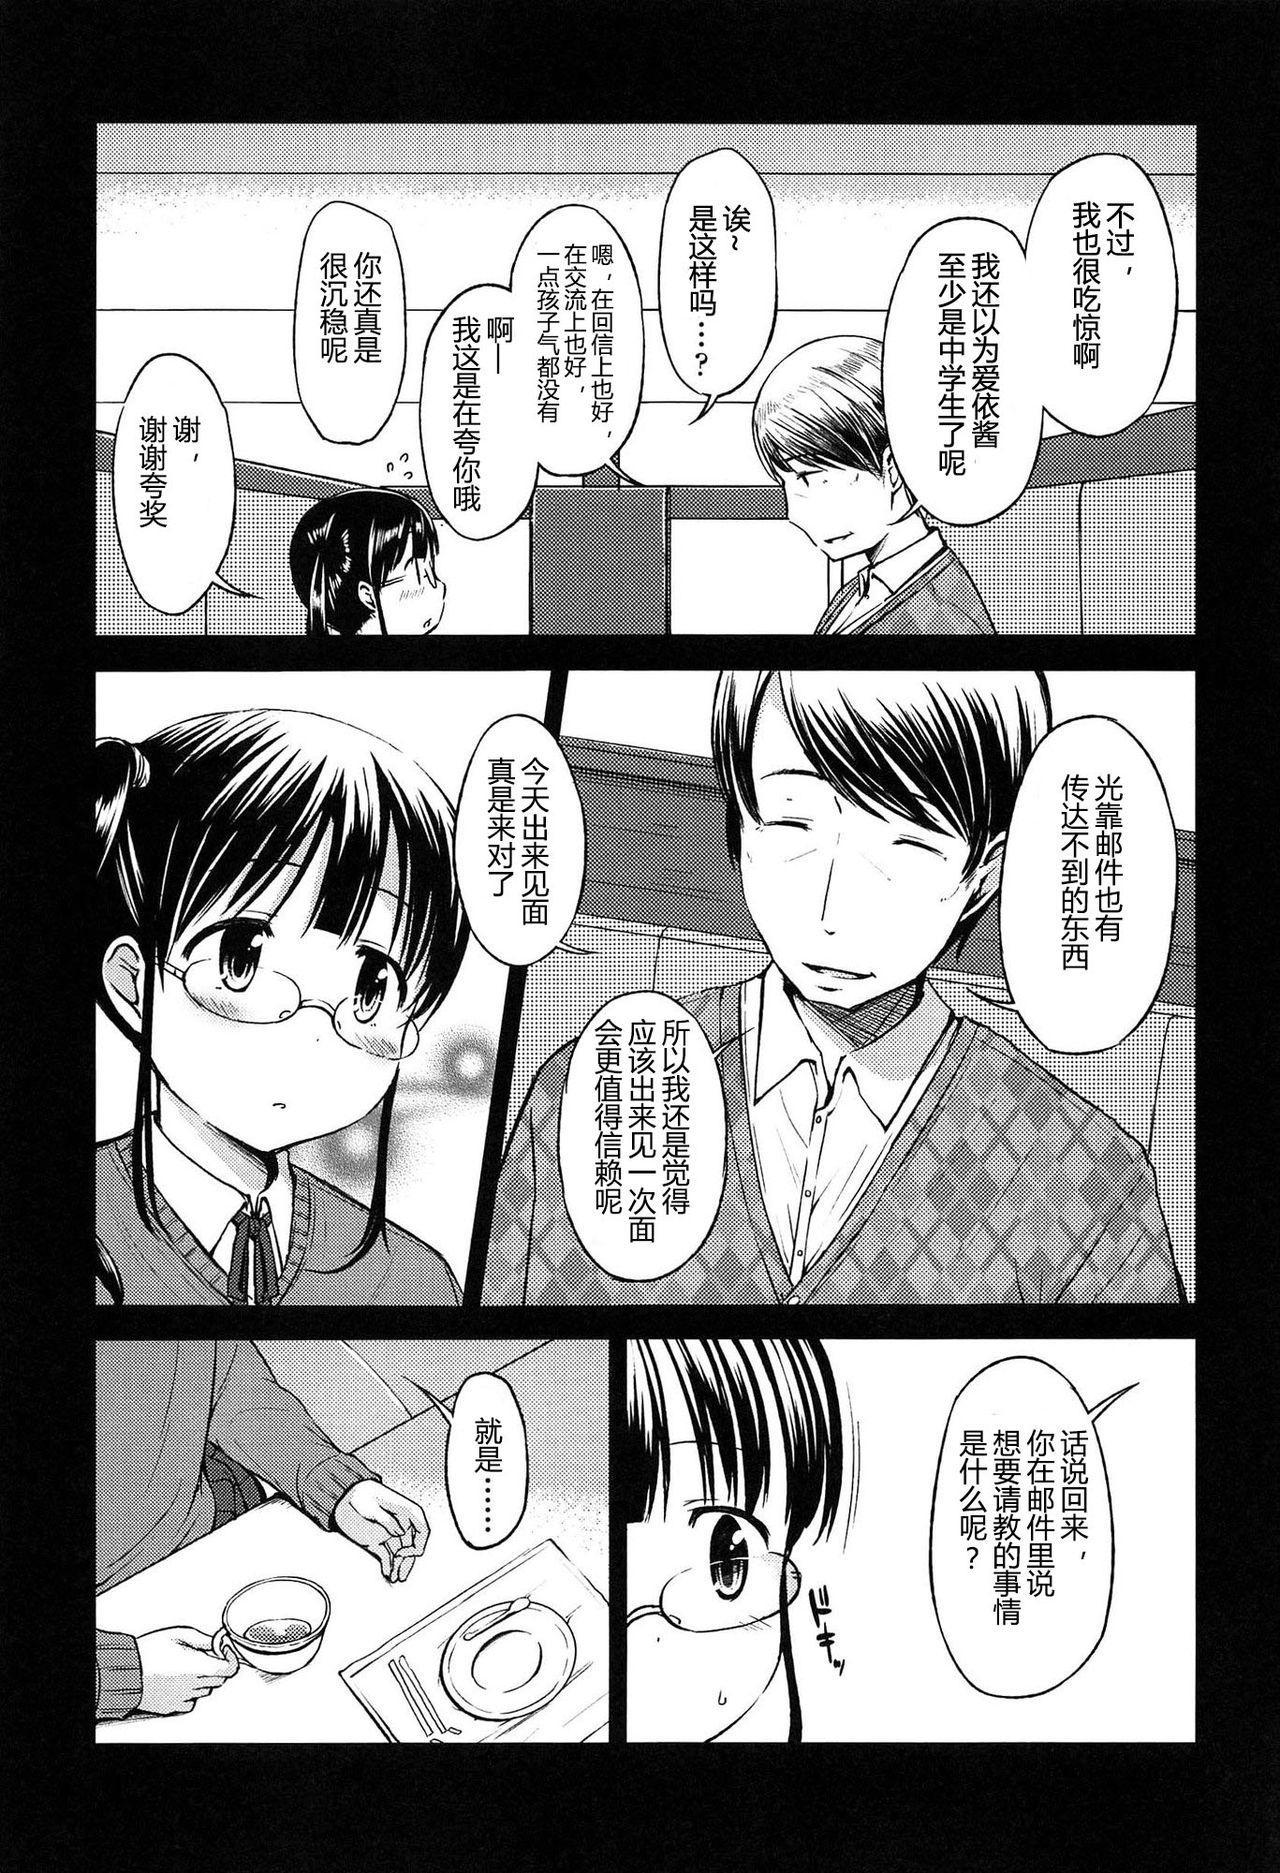 Hajimete Janai yo? | 不是第一次哦? 144